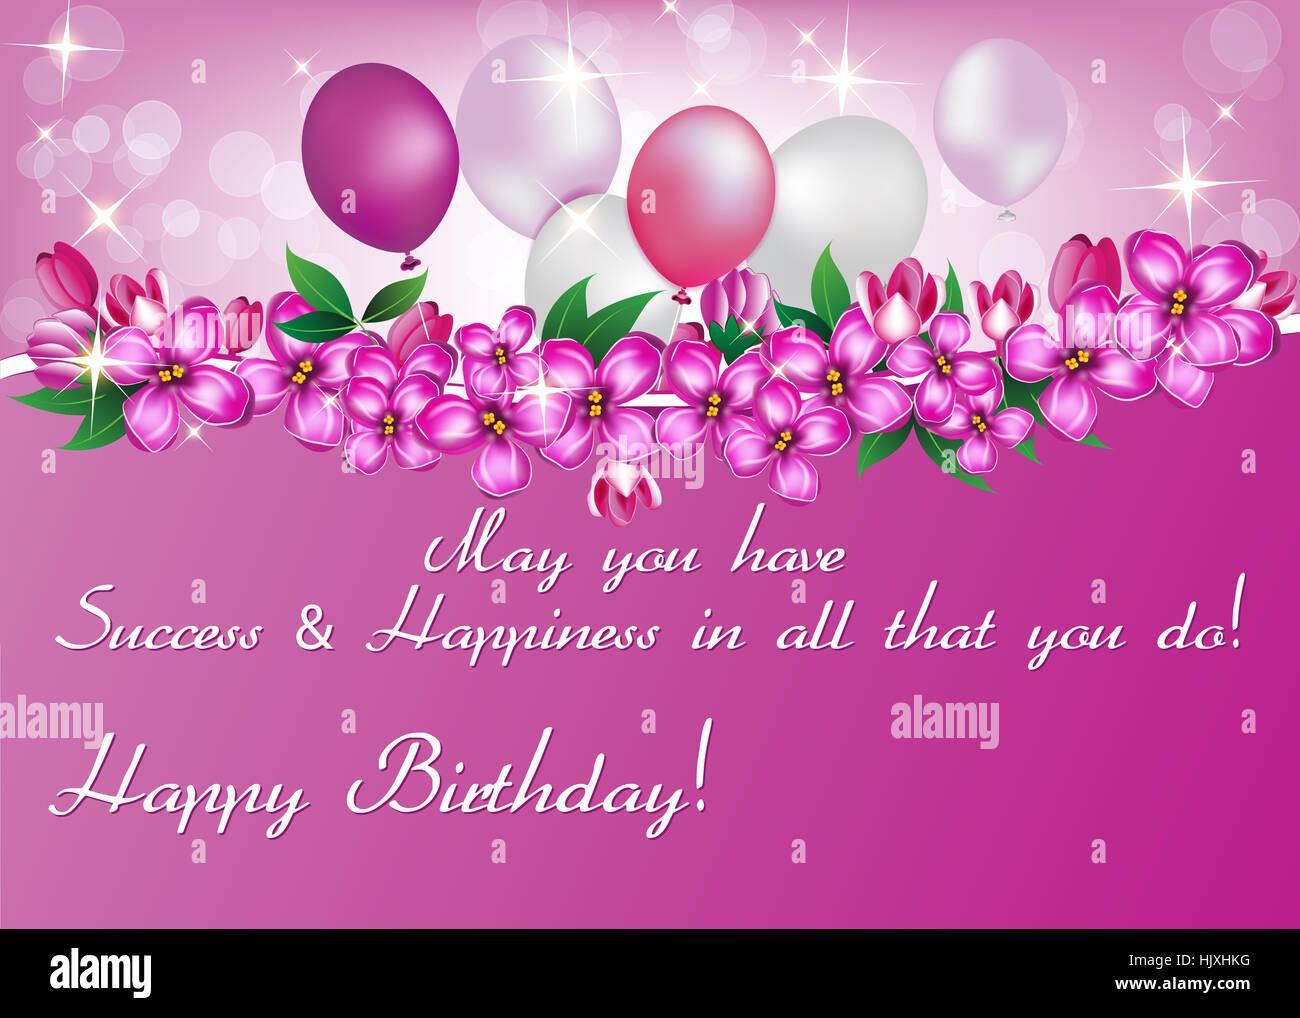 Happy Birthday Flowers And Balloons ~ Elegant birthday card also for print. happy birthday elegant stock